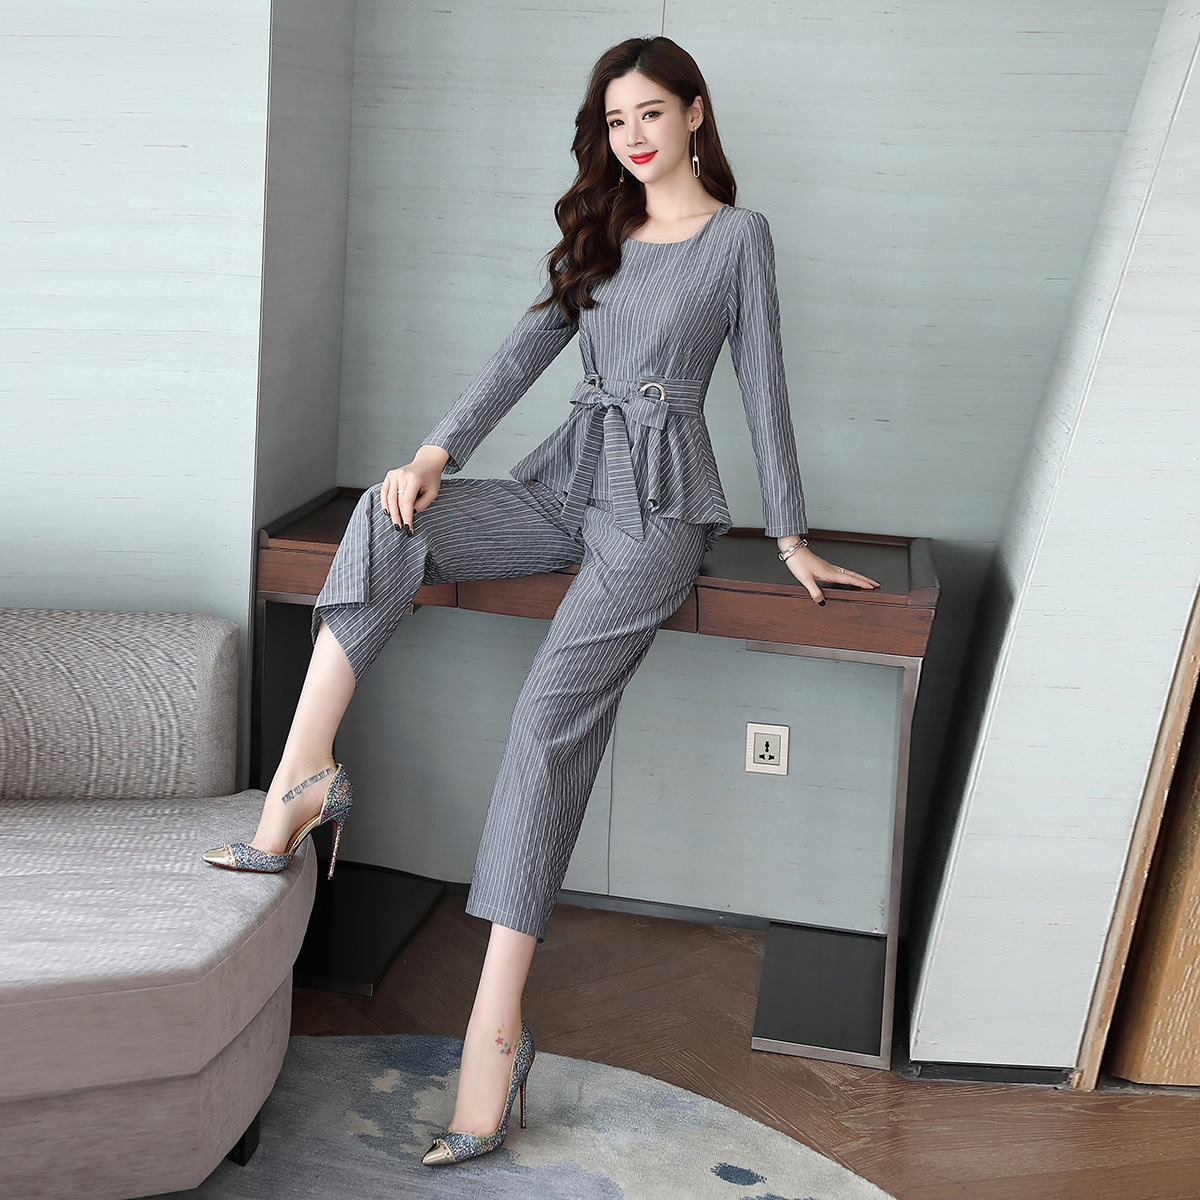 Casuale Vestiti Due In Set Nove Increspato Eleganti Del Strisce Donna A  Piedino Pantaloni Autunno Temperamento ... 17472ae4e92